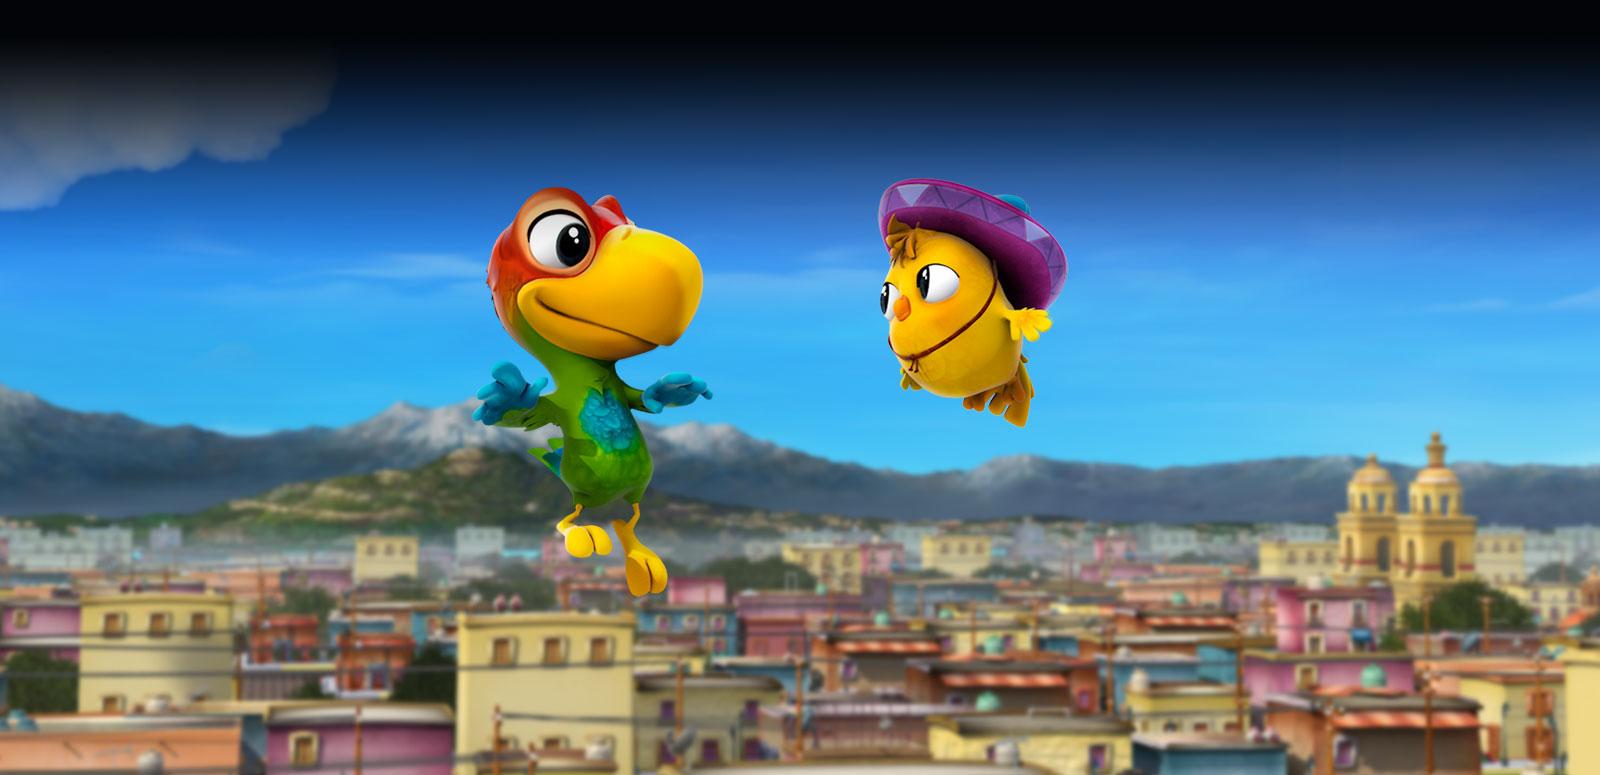 TRAILER: 'El Americano' is Like 'Rio' + Angry Birds with a Norteña Soundtrack